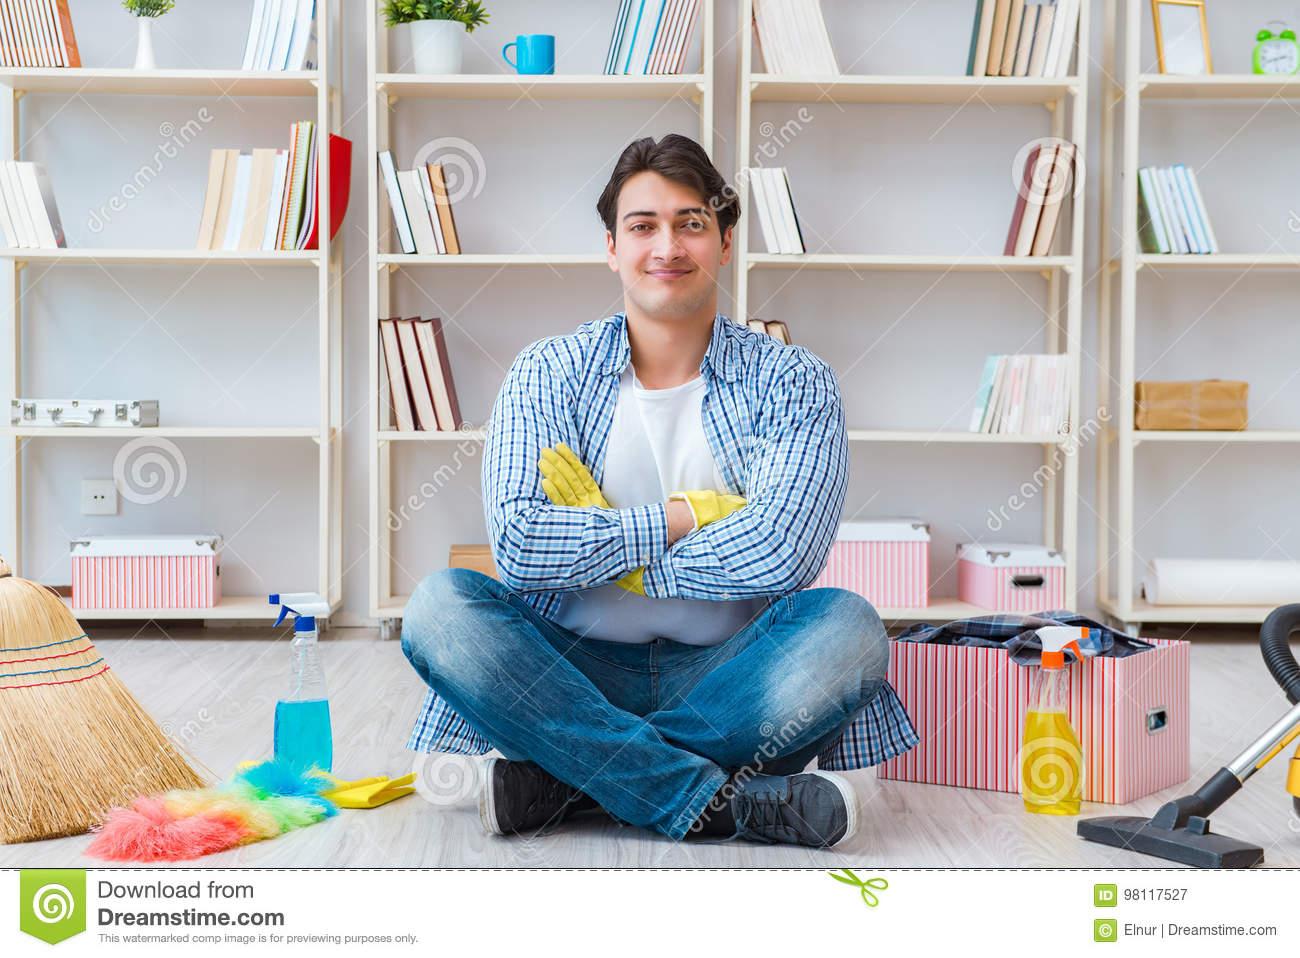 Conseils d'organisation des armoires de cuisine d'une femme de chambre